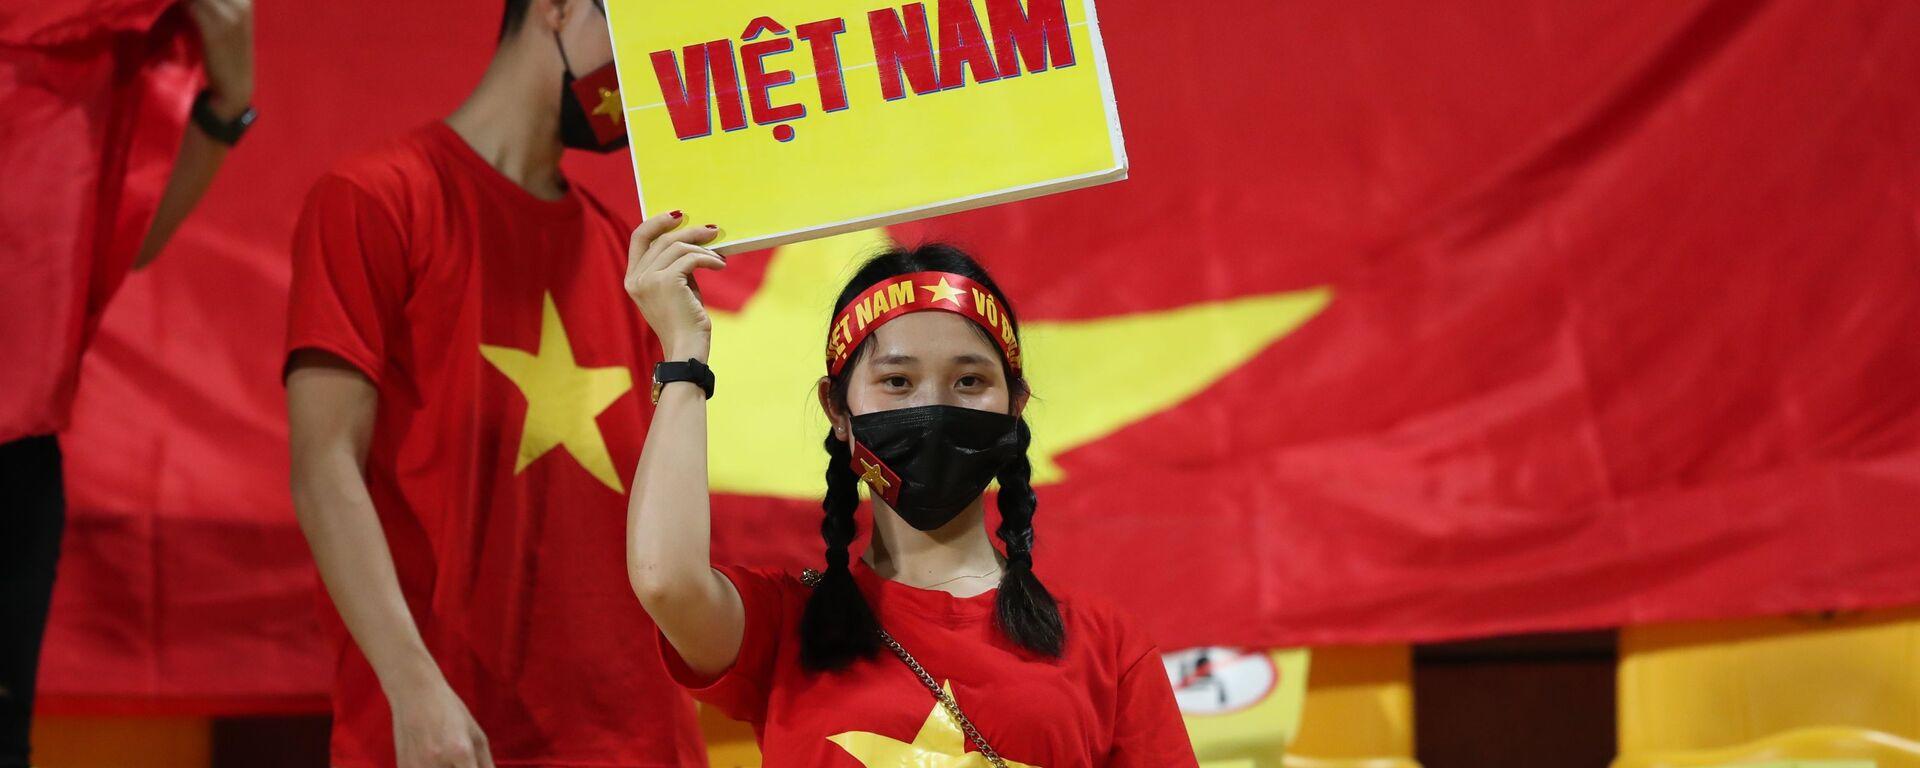 Cổ động viên đã có mặt từ rất sớm trong sân vận động Zabeel để tiếp lửa cho đội tuyển Việt Nam - Sputnik Việt Nam, 1920, 16.06.2021